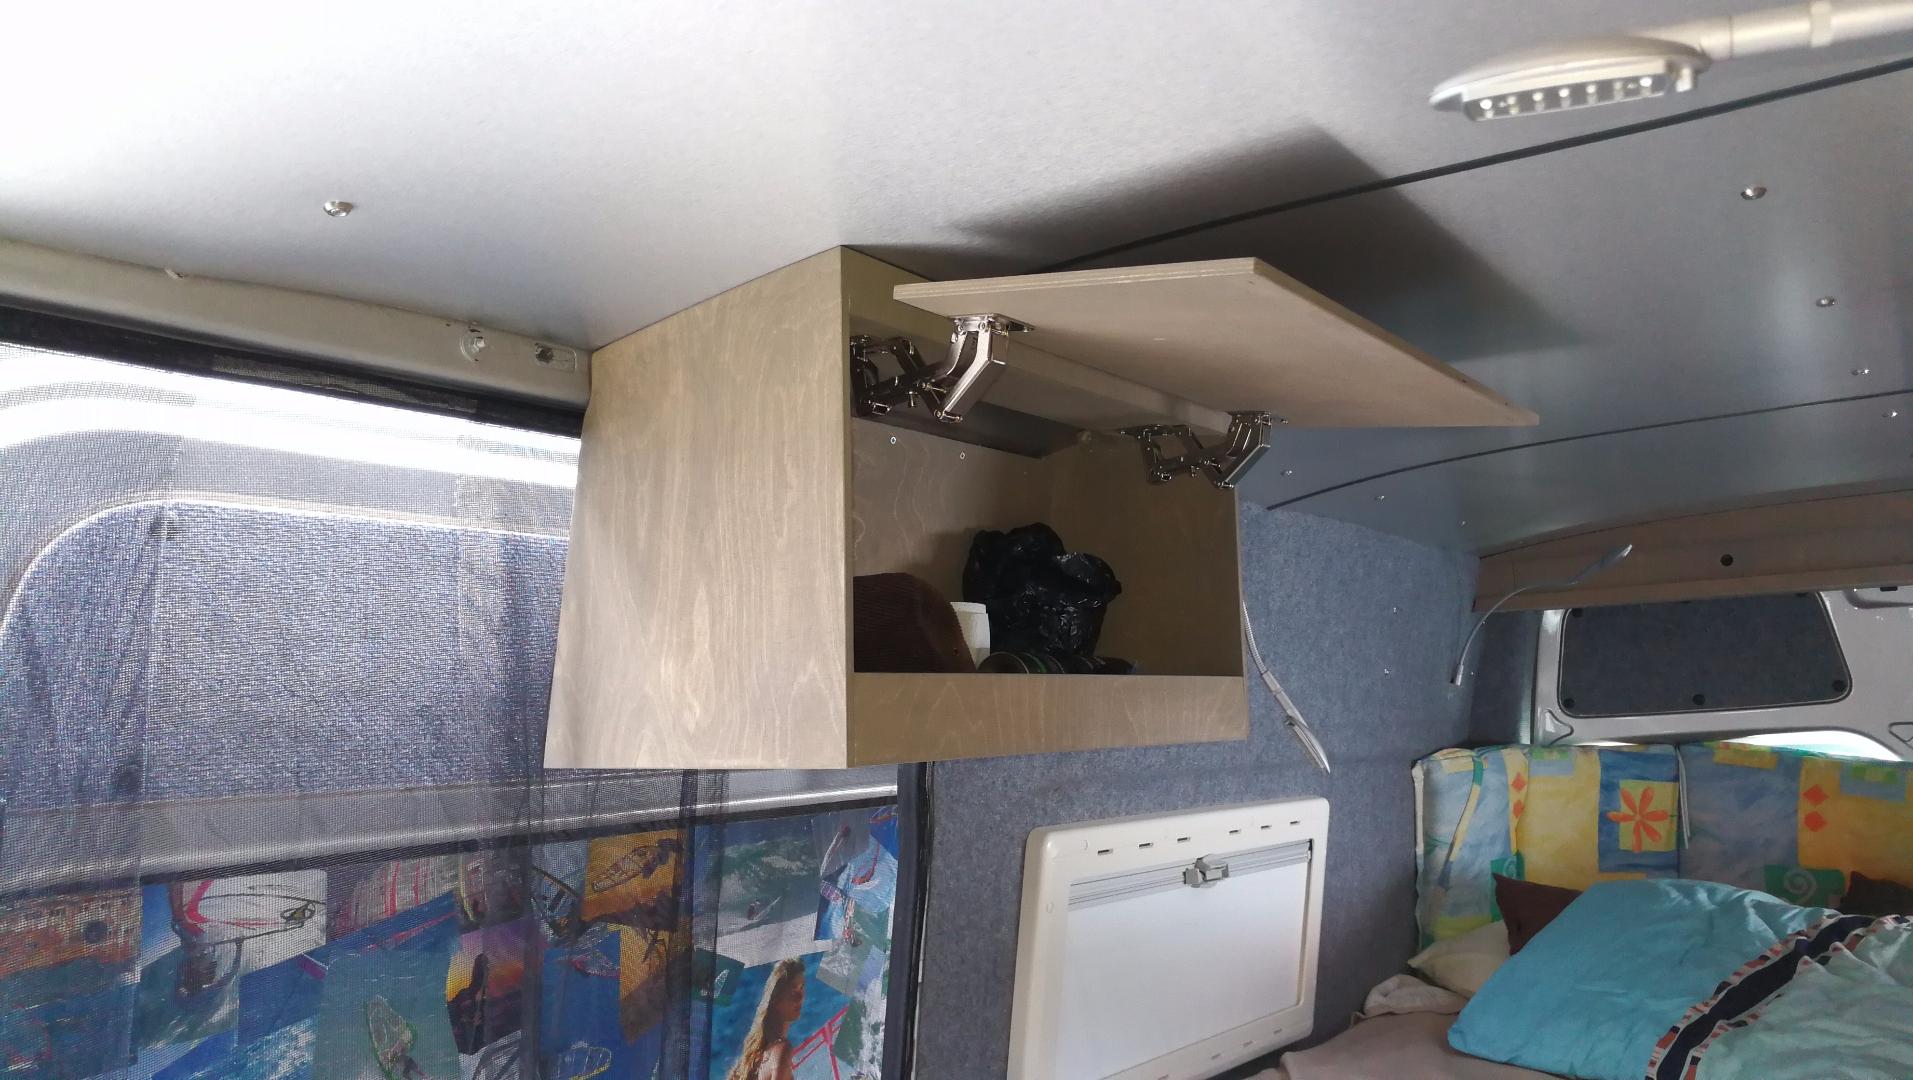 h ngeschrank montieren k chenschrank aufh ngen k che renovieren h ngeschrank befestigung h. Black Bedroom Furniture Sets. Home Design Ideas